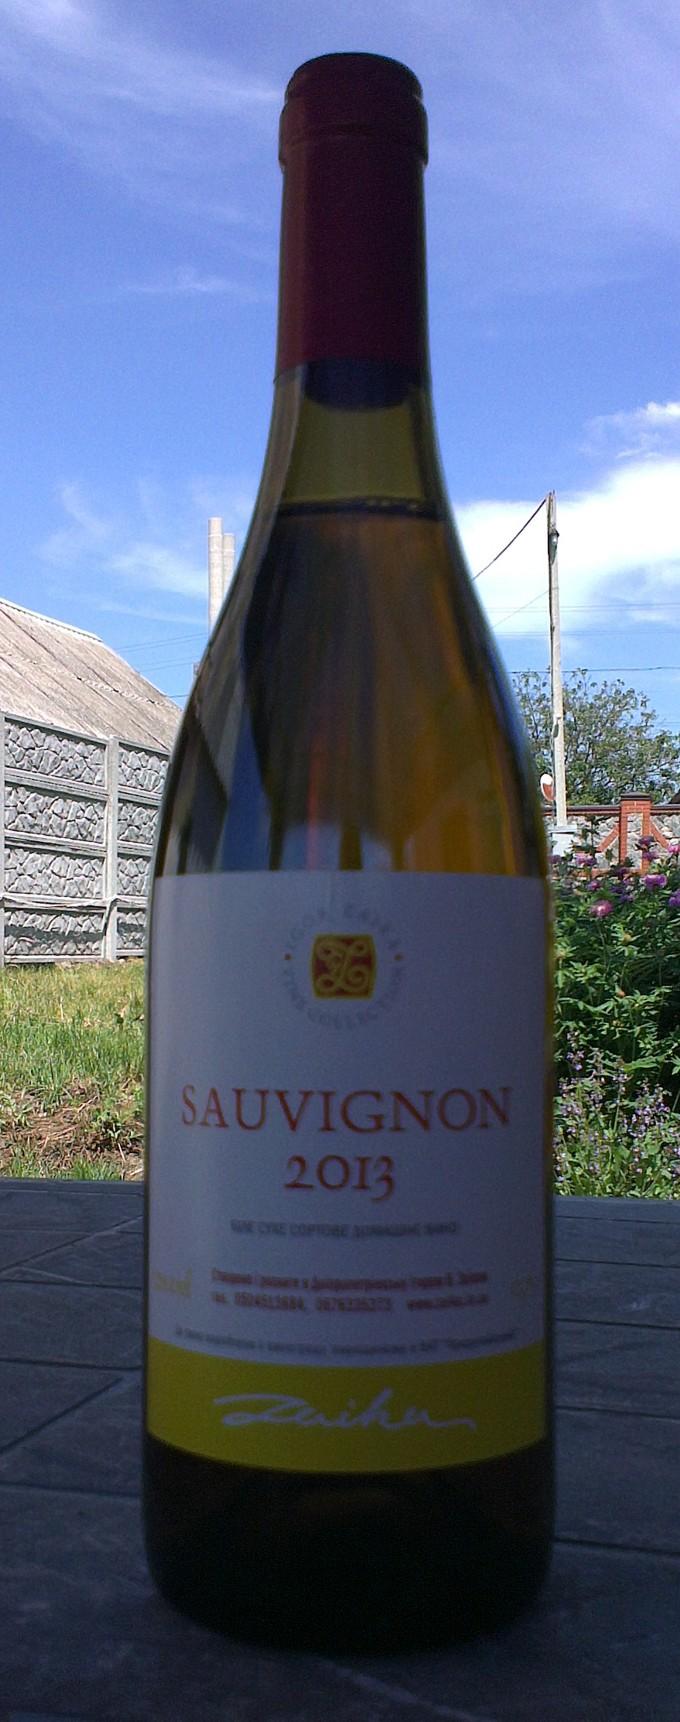 Sauvignon 2013